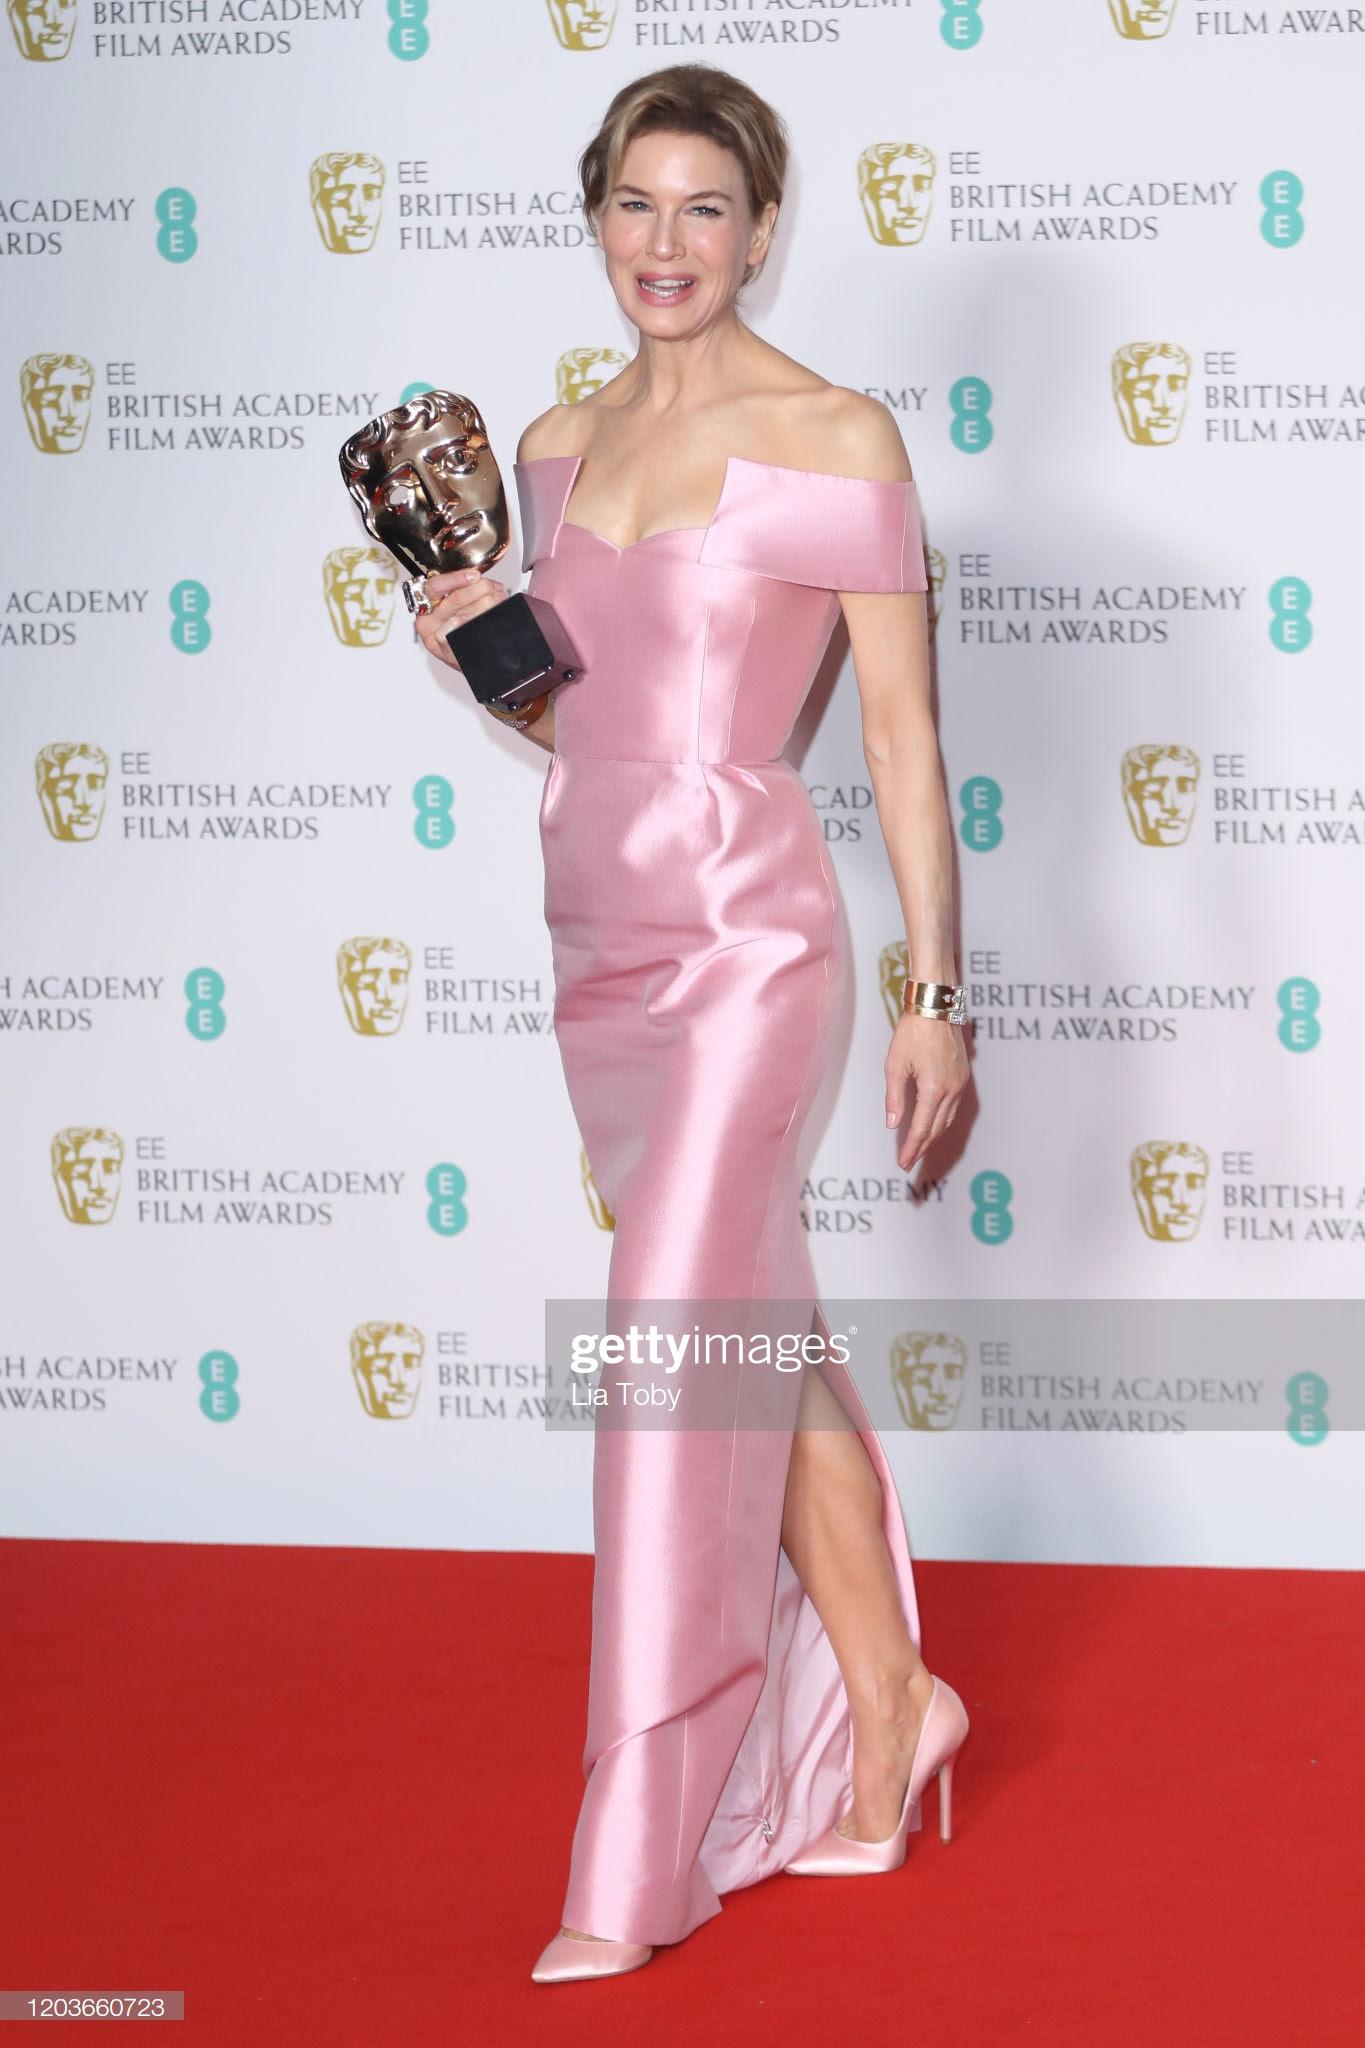 a015b537 946e 4d5e a968 df25a4e2f197 - Premios 'BAFTA': Todas las celebrities que lucieron Jimmy Choo